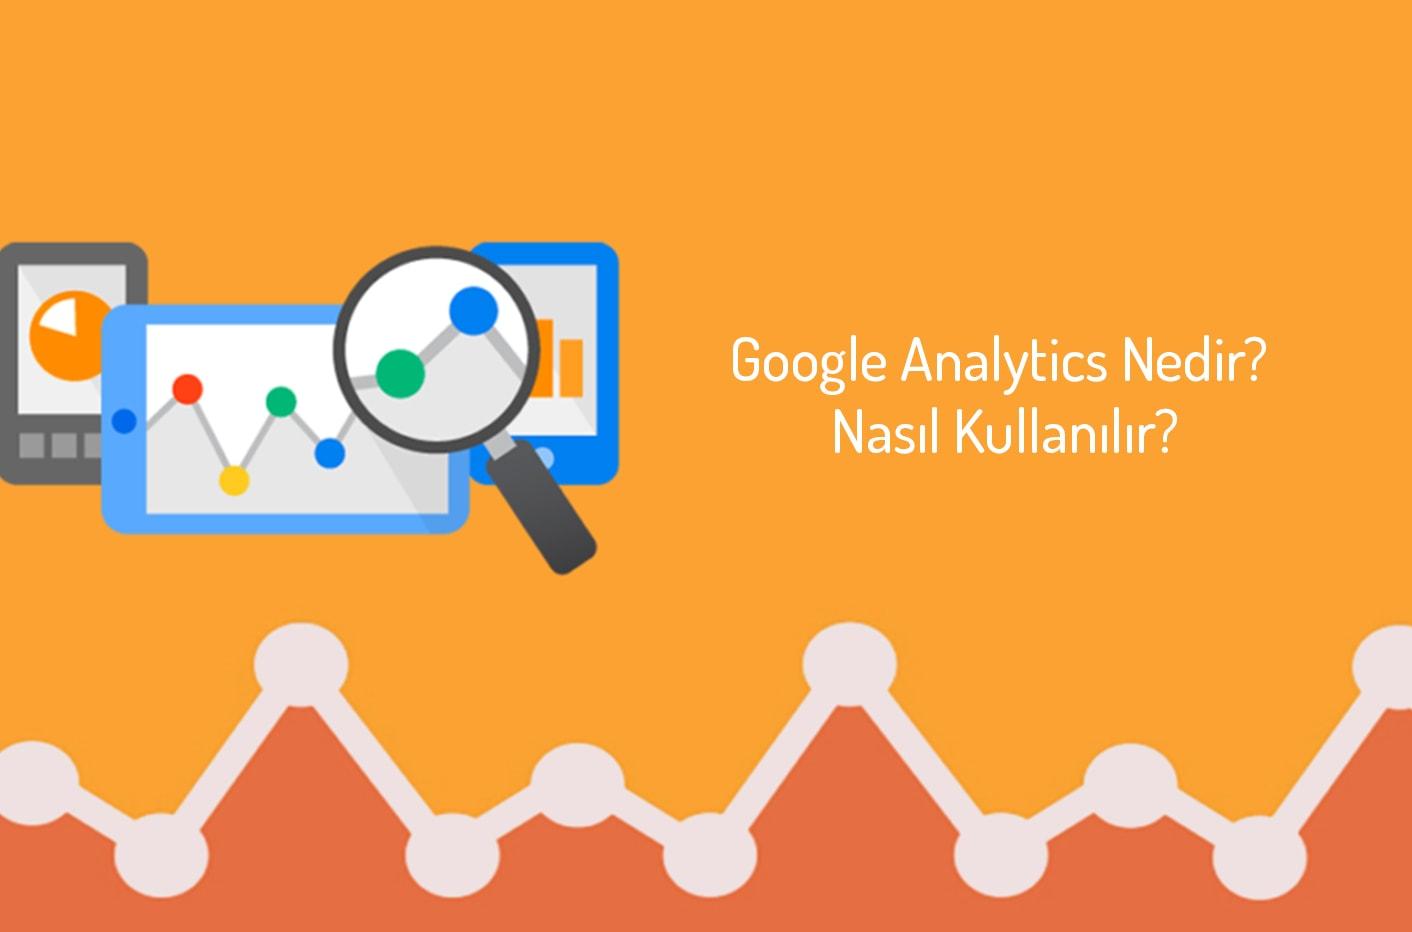 Google Analytics Nedir? Nasıl Kullanılır?